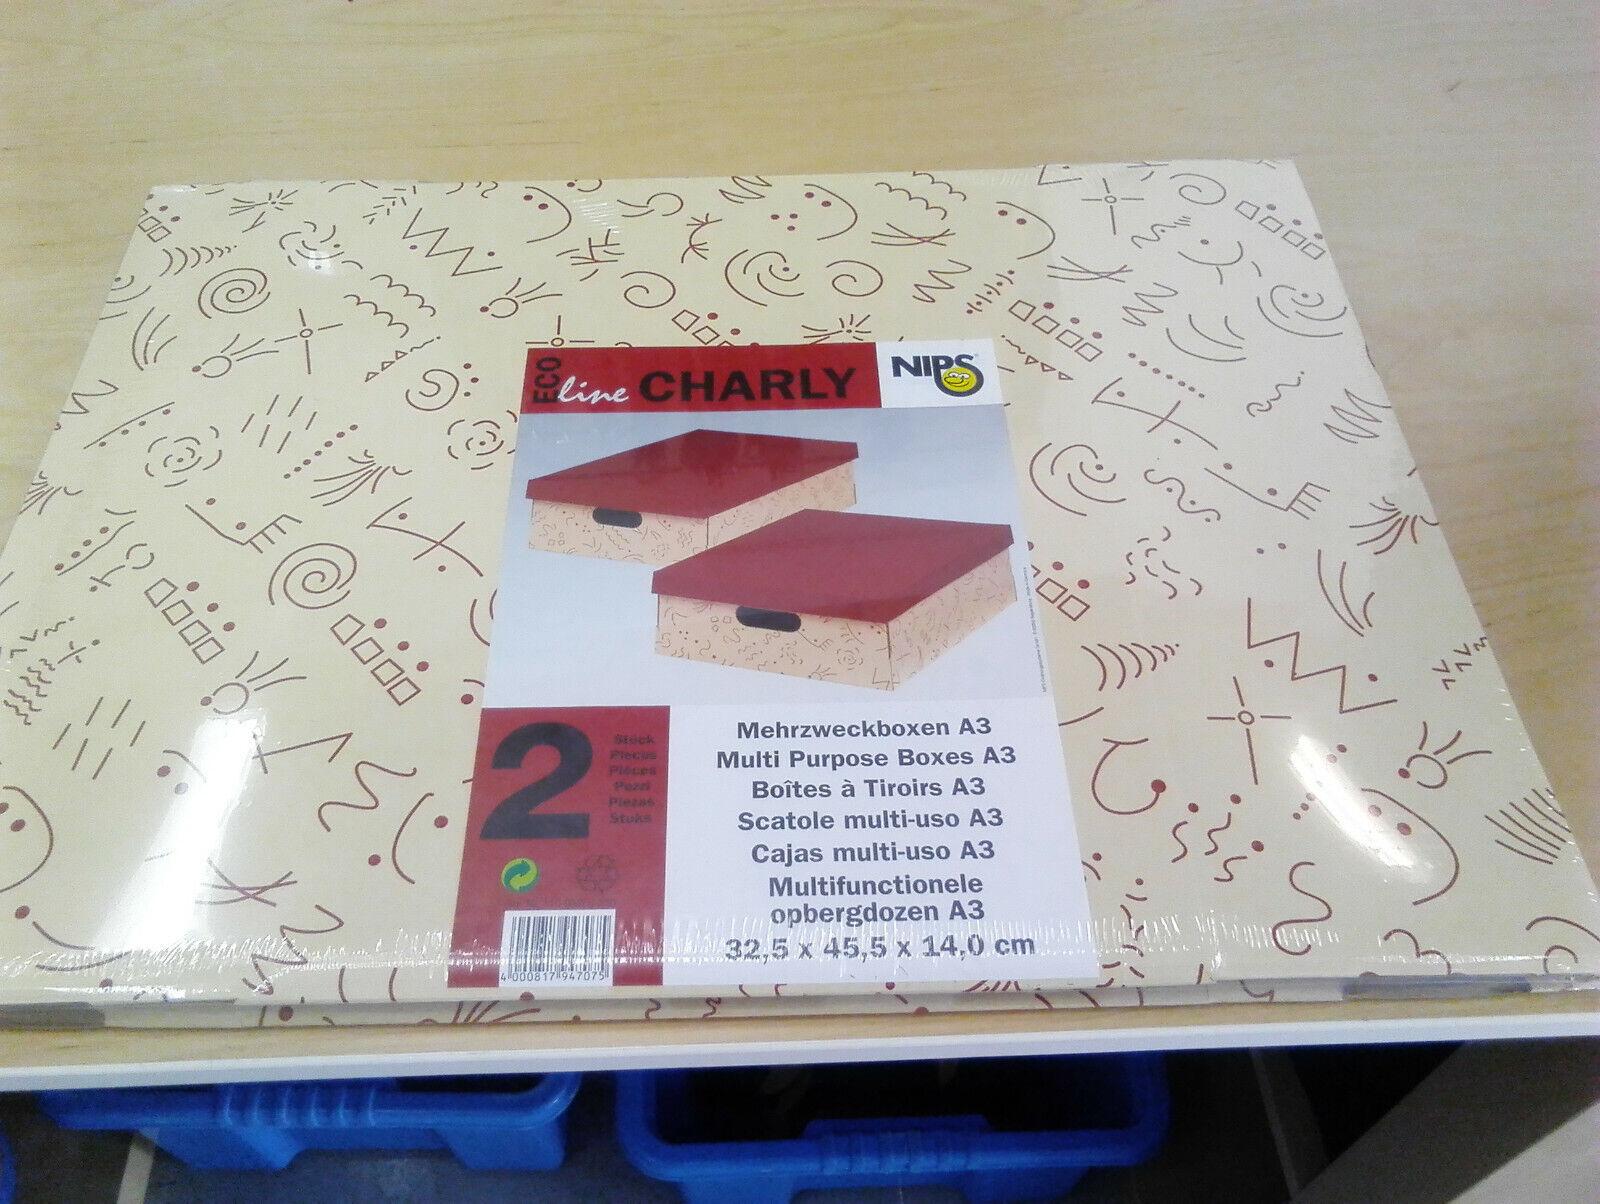 Nips Eco Line Charly MULTIUSO A3 scatole portaoggetti 10X (confezione da 2 32.5x45.5x14CM)